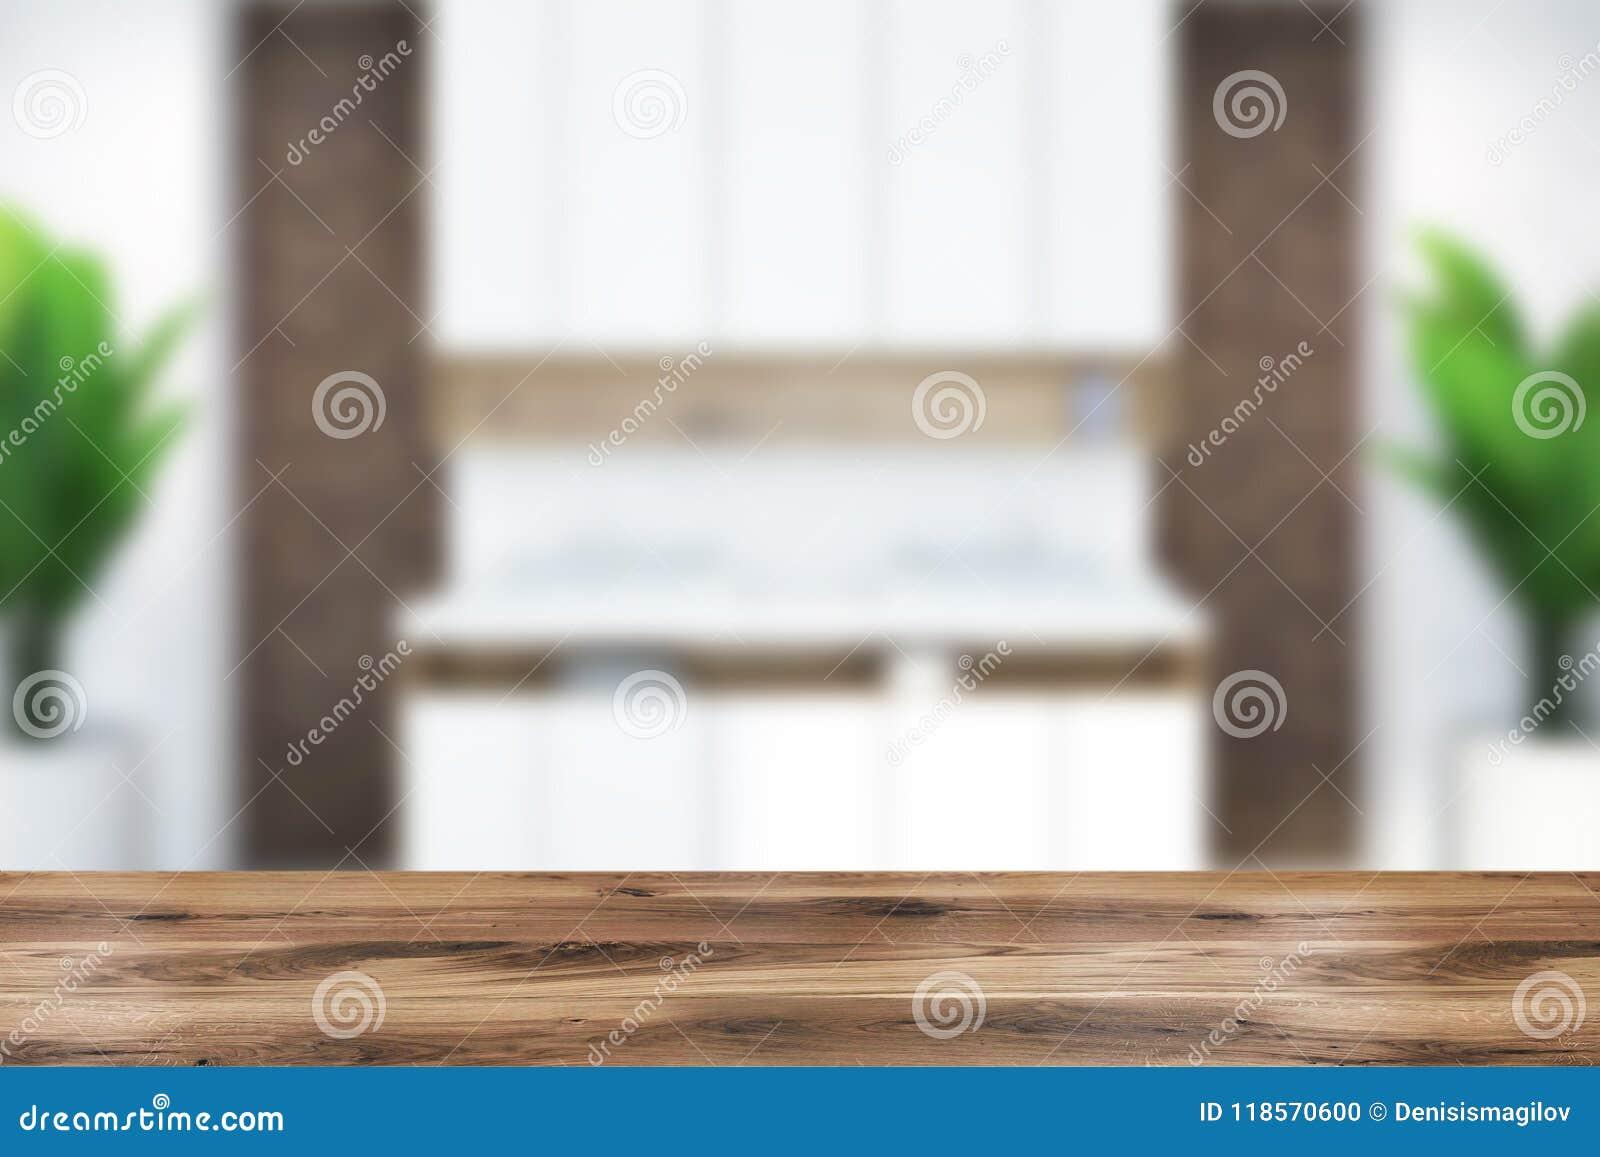 Bagno moderno interno sfuocatura del mattone del doppio lavandino